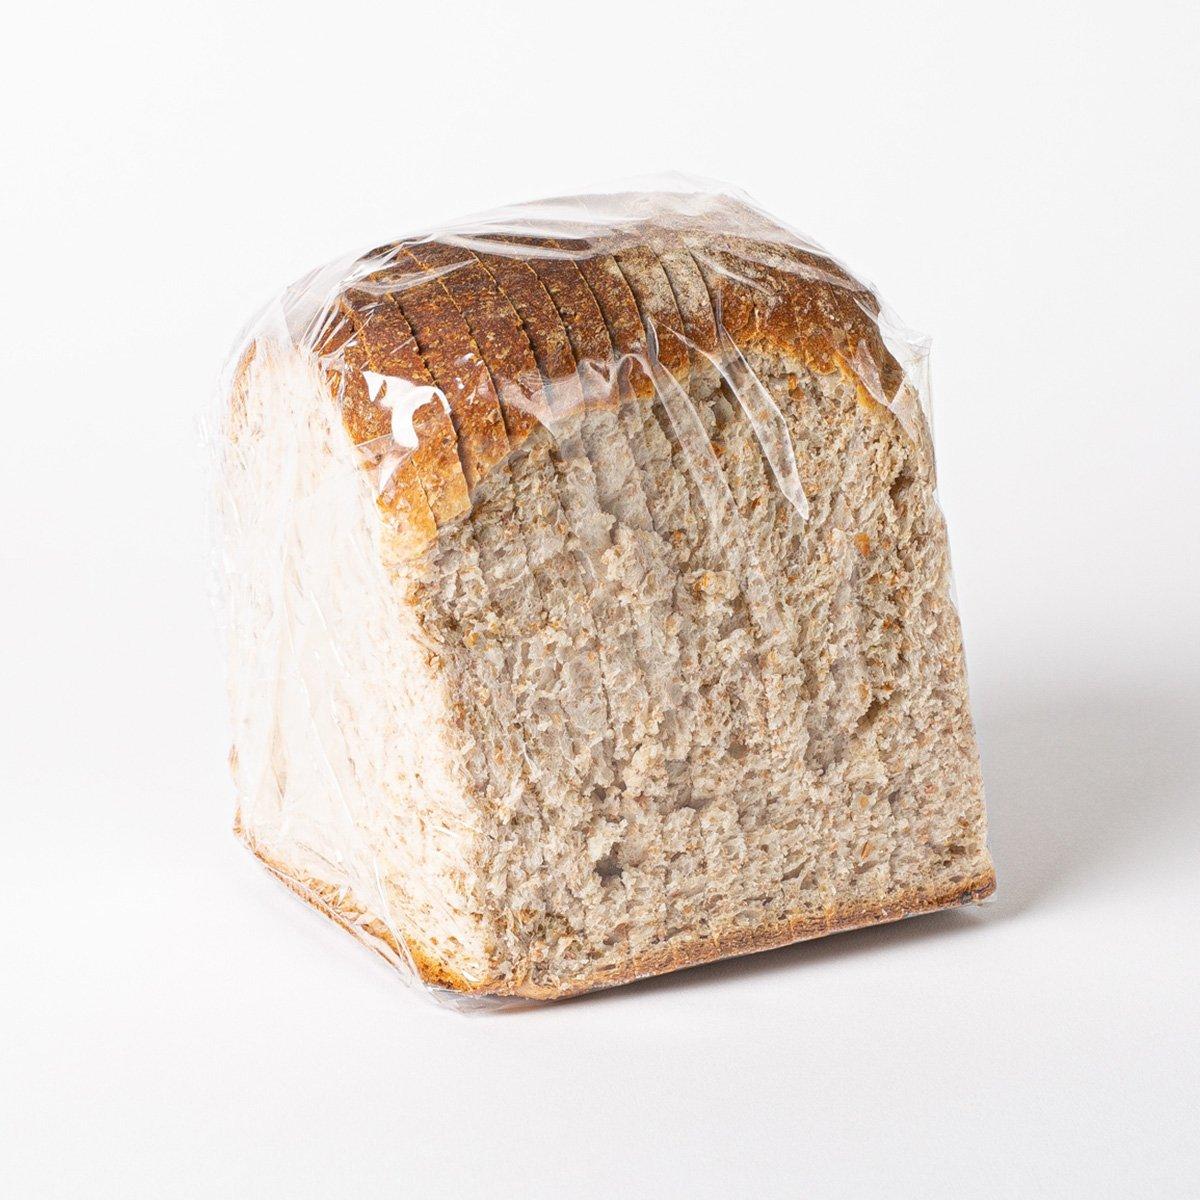 Sliced Wholemeal Batch Loaf